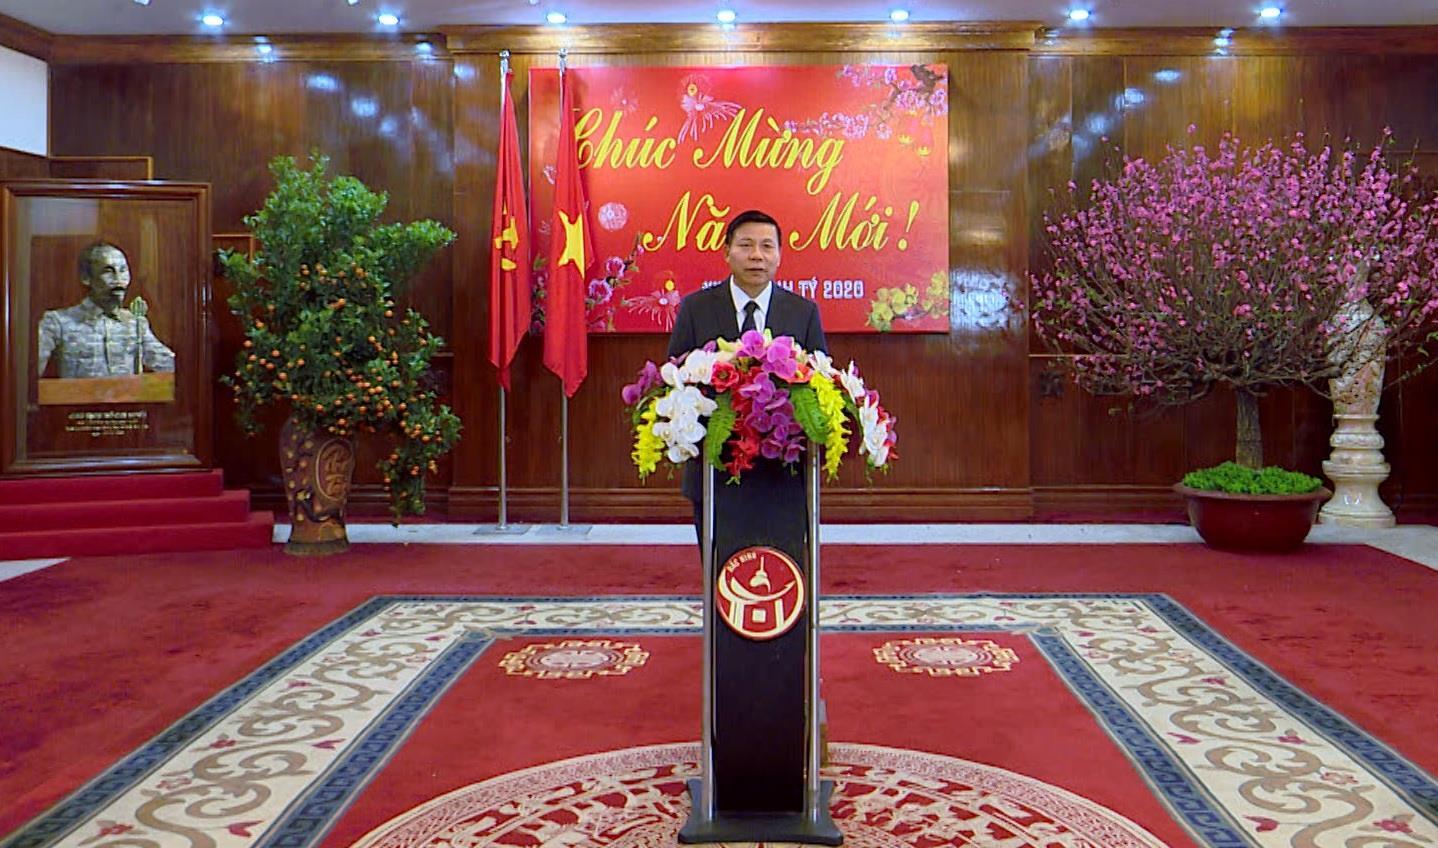 Bài phát biểu chúc mừng năm mới - Xuân Canh Tý 2020 của đồng chí Bí thư Tỉnh ủy Nguyễn Nhân Chiến